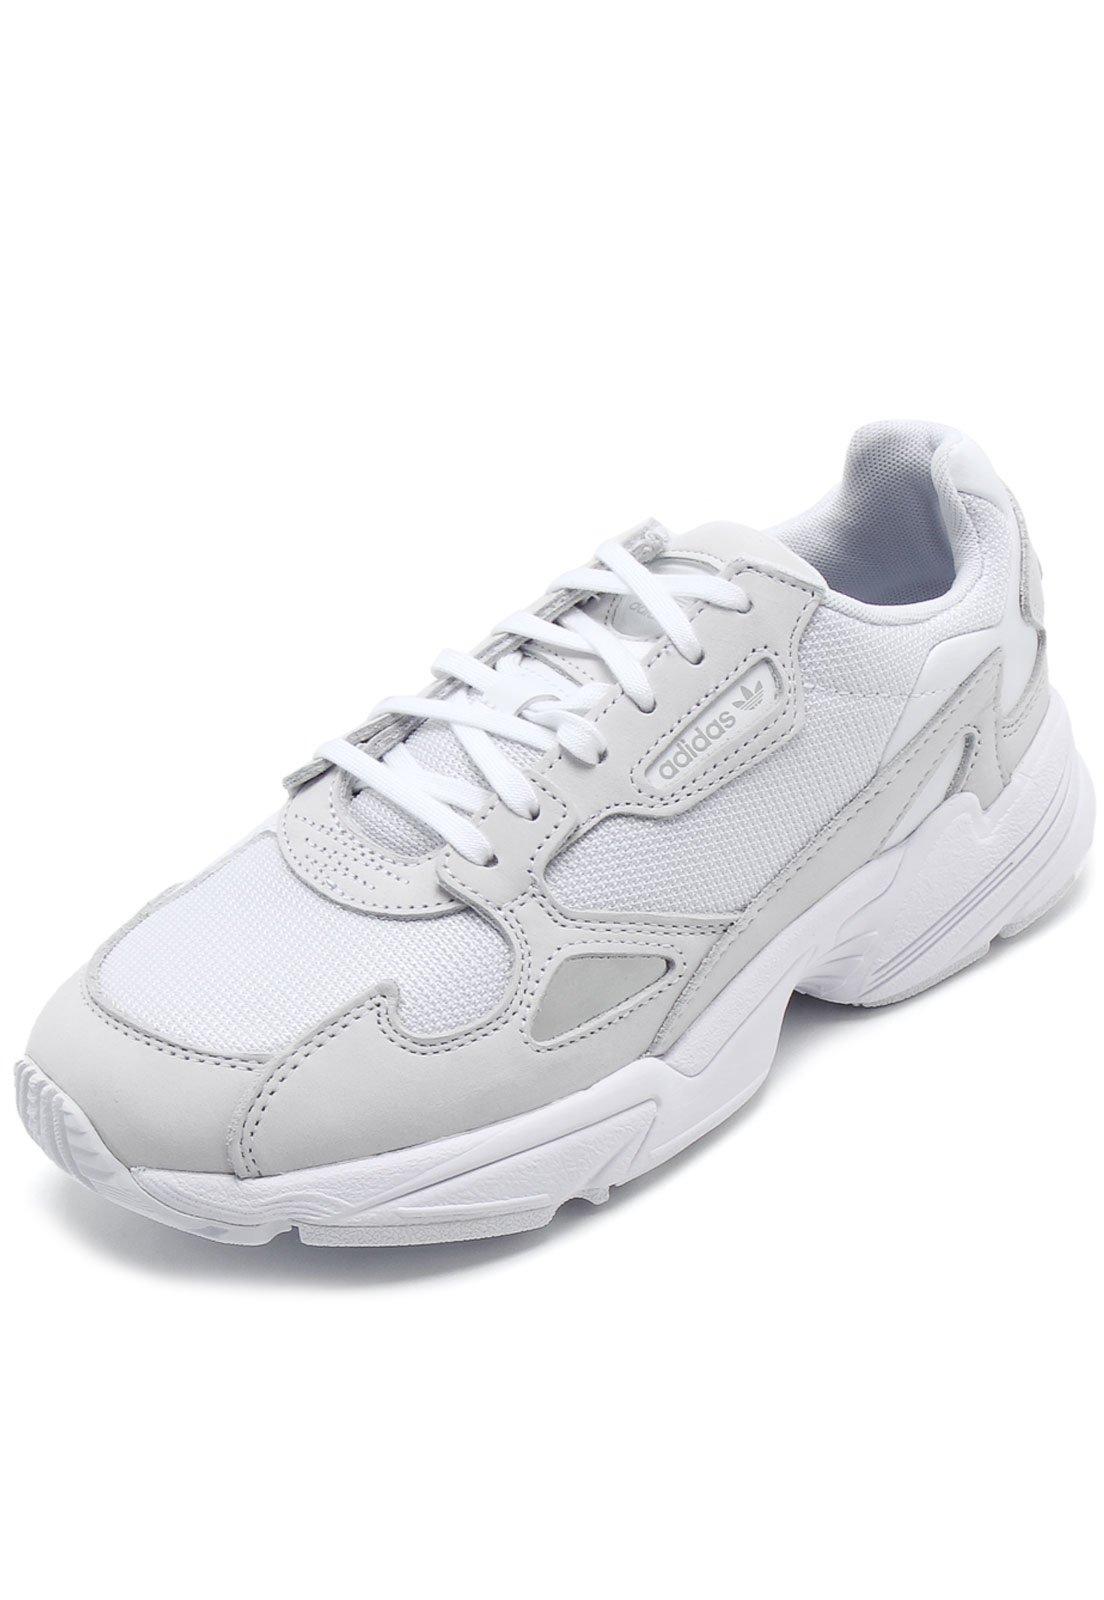 Tênis adidas Originals Falcon Bae W